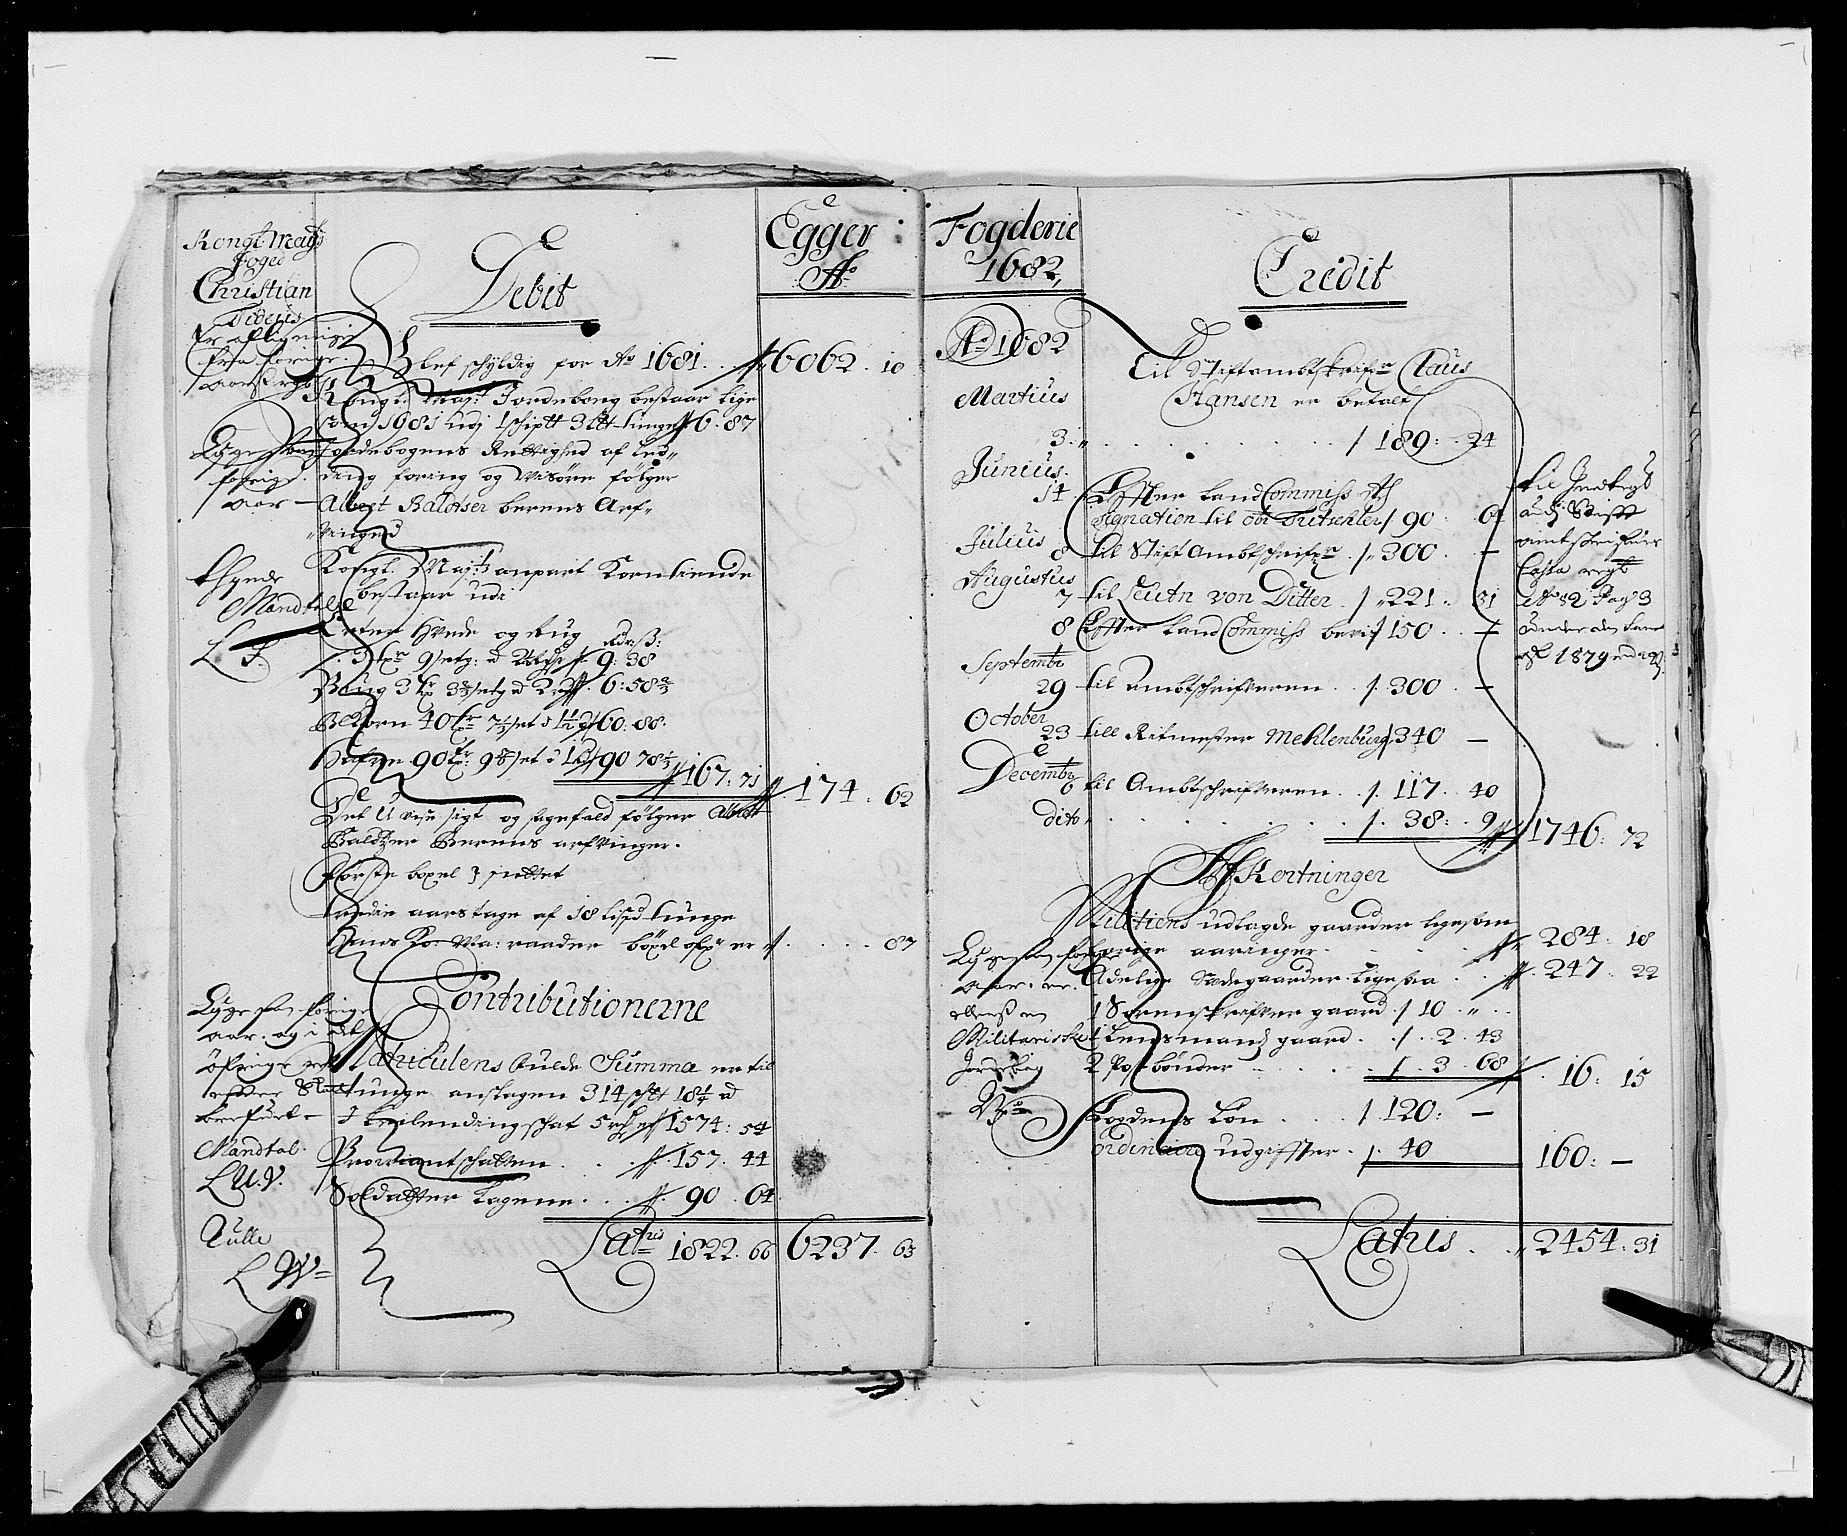 RA, Rentekammeret inntil 1814, Reviderte regnskaper, Fogderegnskap, R26/L1684: Fogderegnskap Eiker, 1679-1686, s. 15